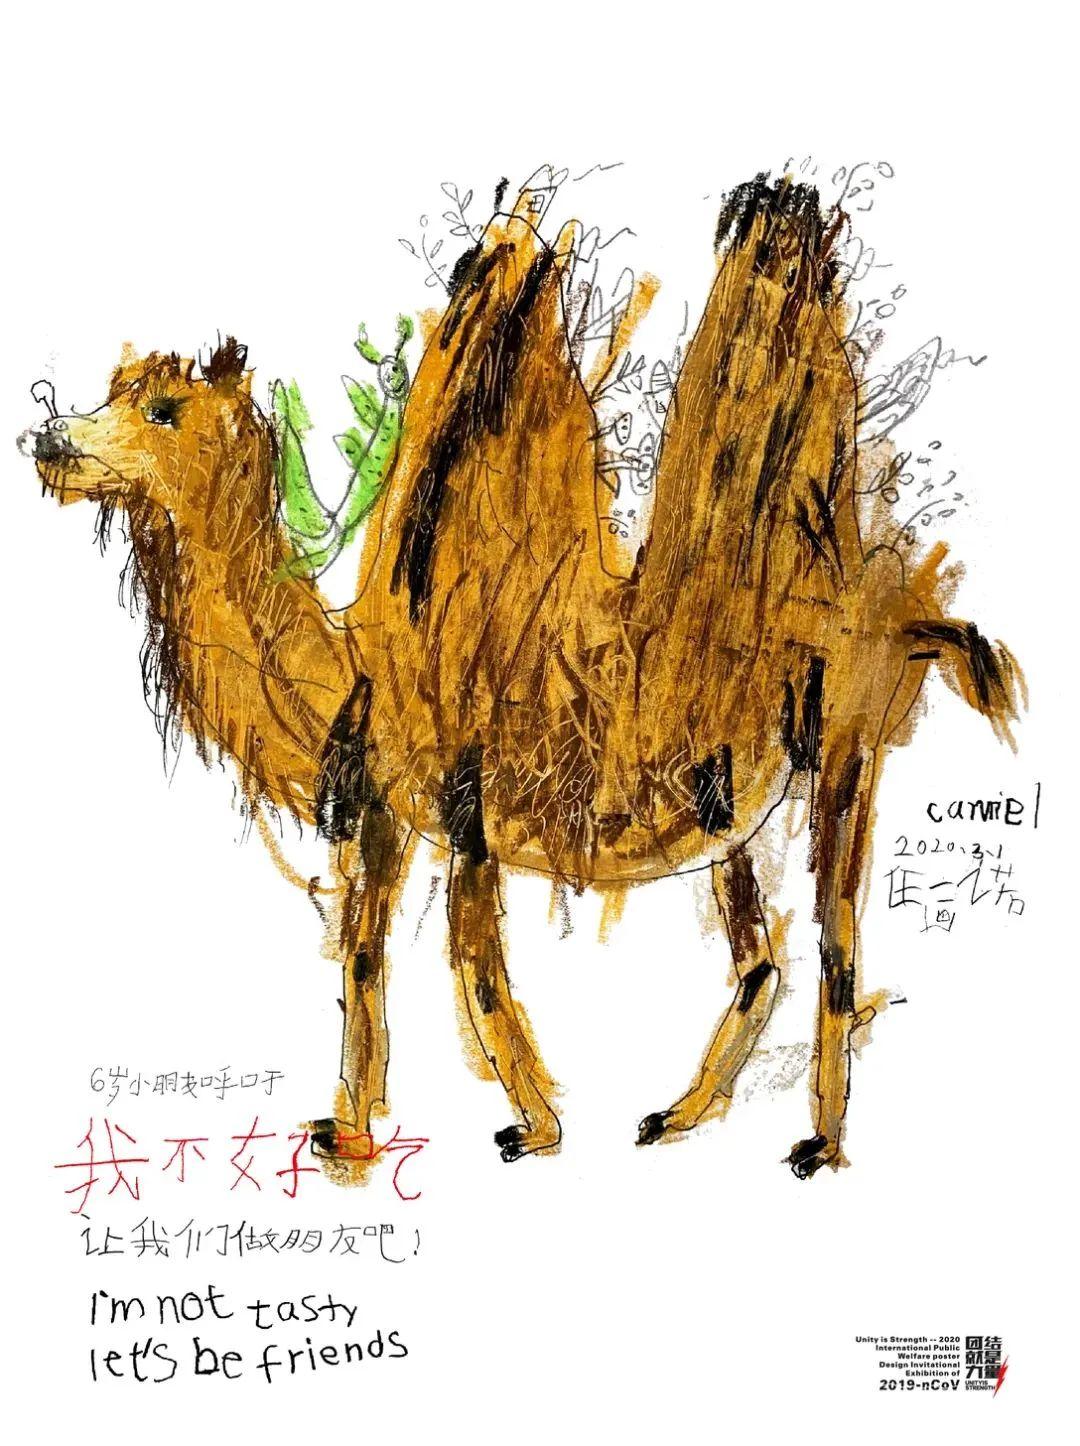 6岁蒙古族小设计师用插画拯救野生动物,为抗疫助力! 第33张